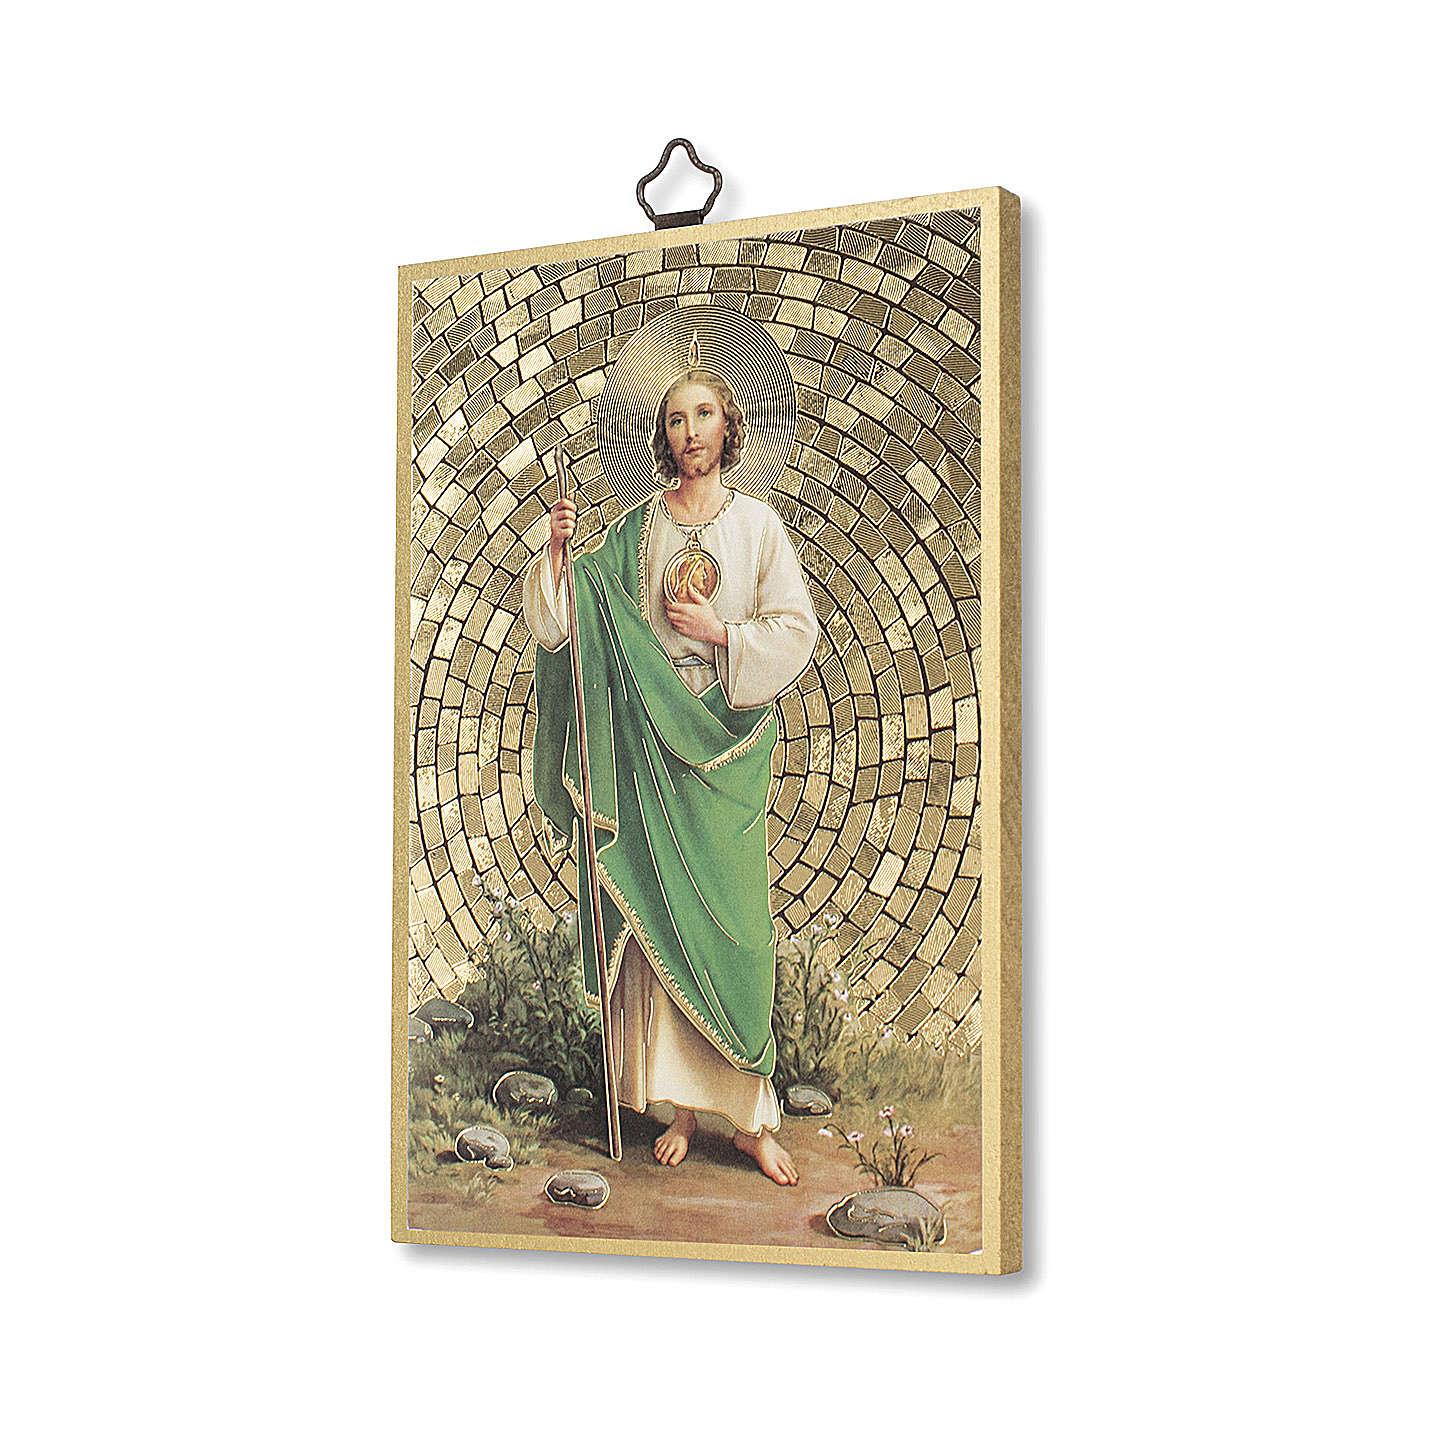 Impression sur bois St Jude Prière pour obtenir toutes les grâces ITA 3